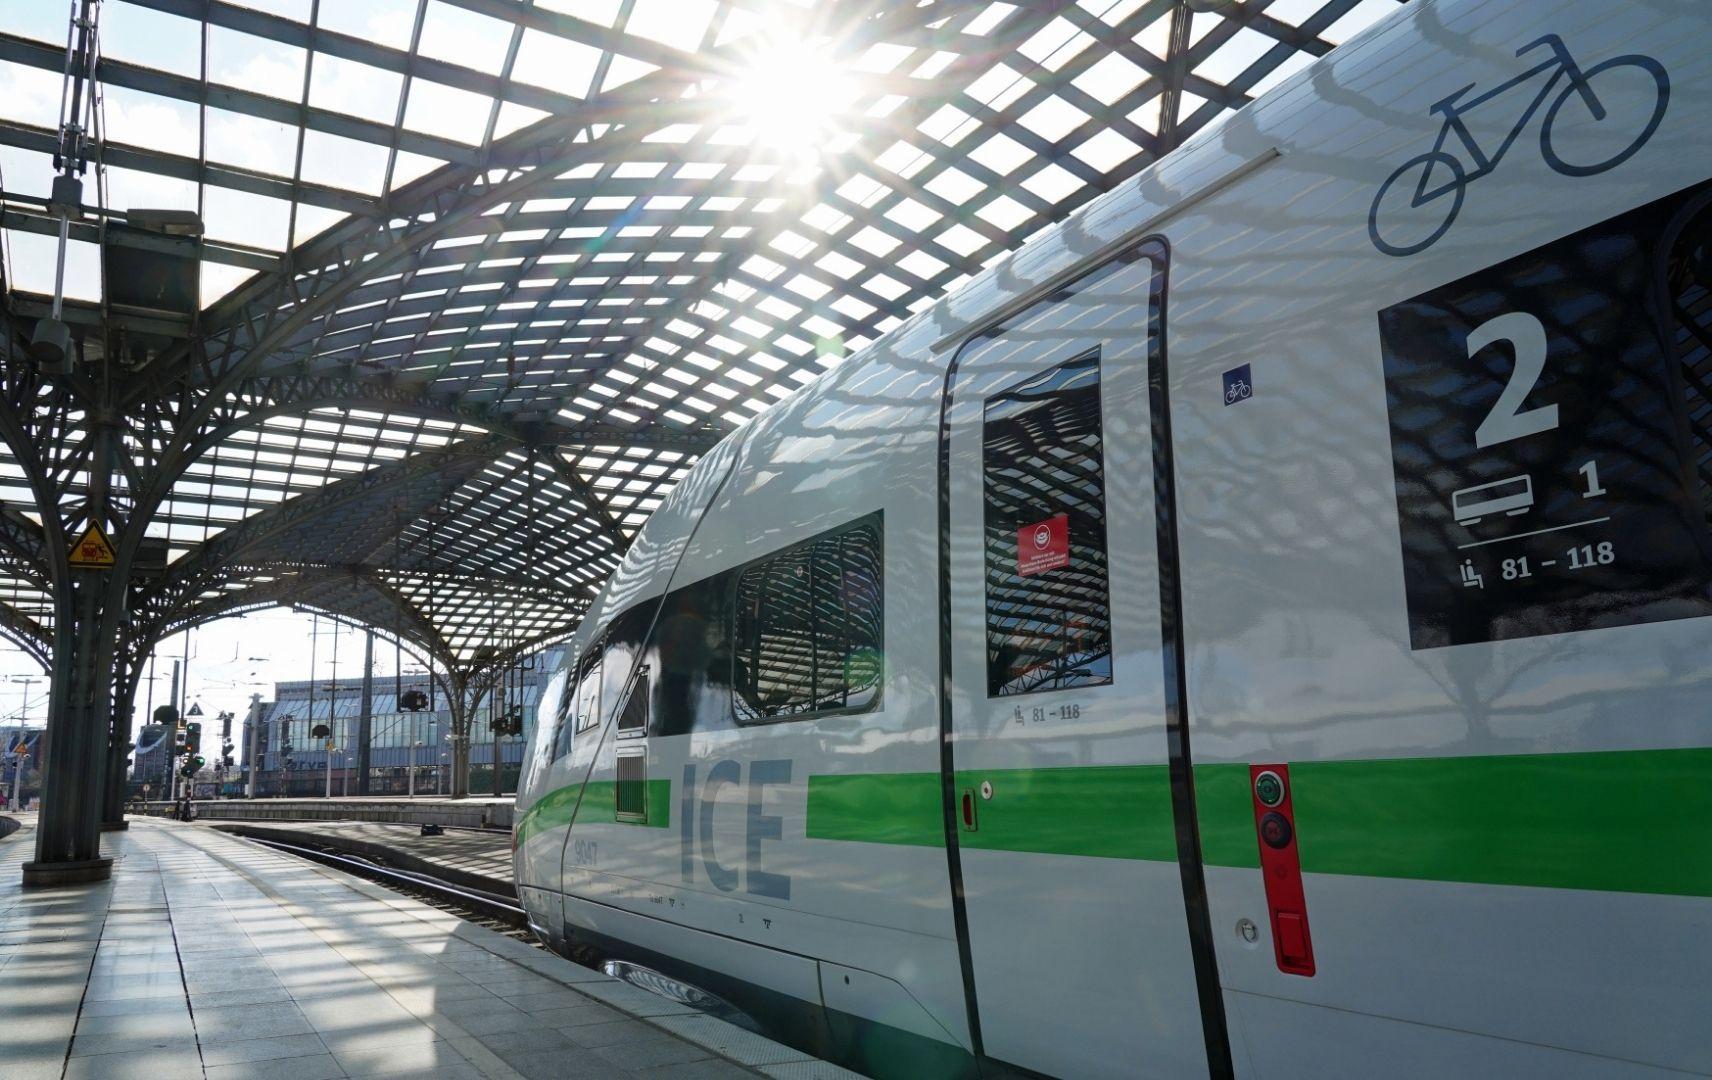 DB Triebwagen ICE im Bahnhof